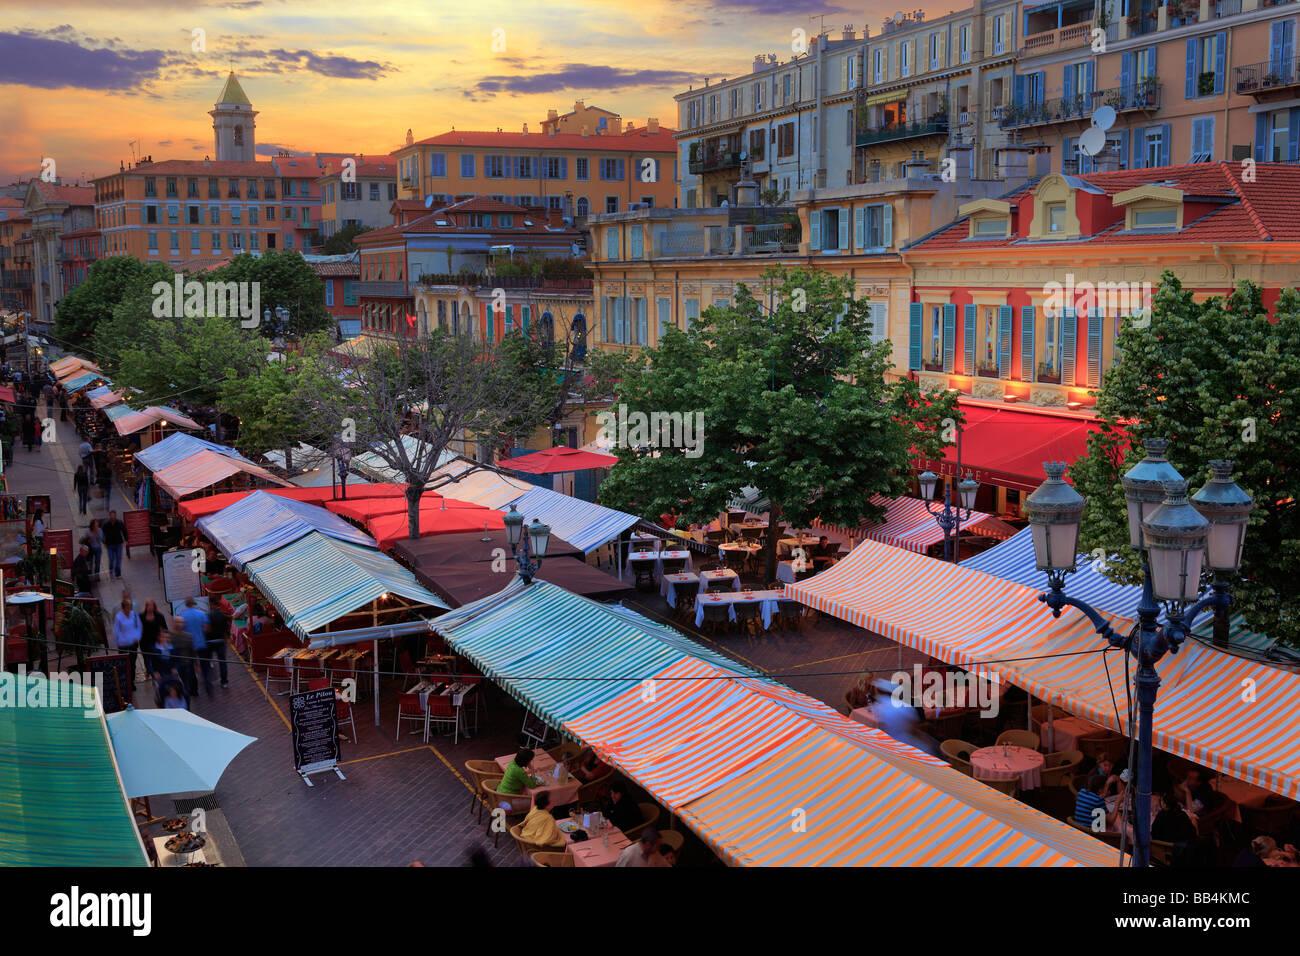 """Il mercato dei fiori in """"Vielle Ville' (centro storico) parte di Nizza, Francia sulla Costa Azzurra Immagini Stock"""